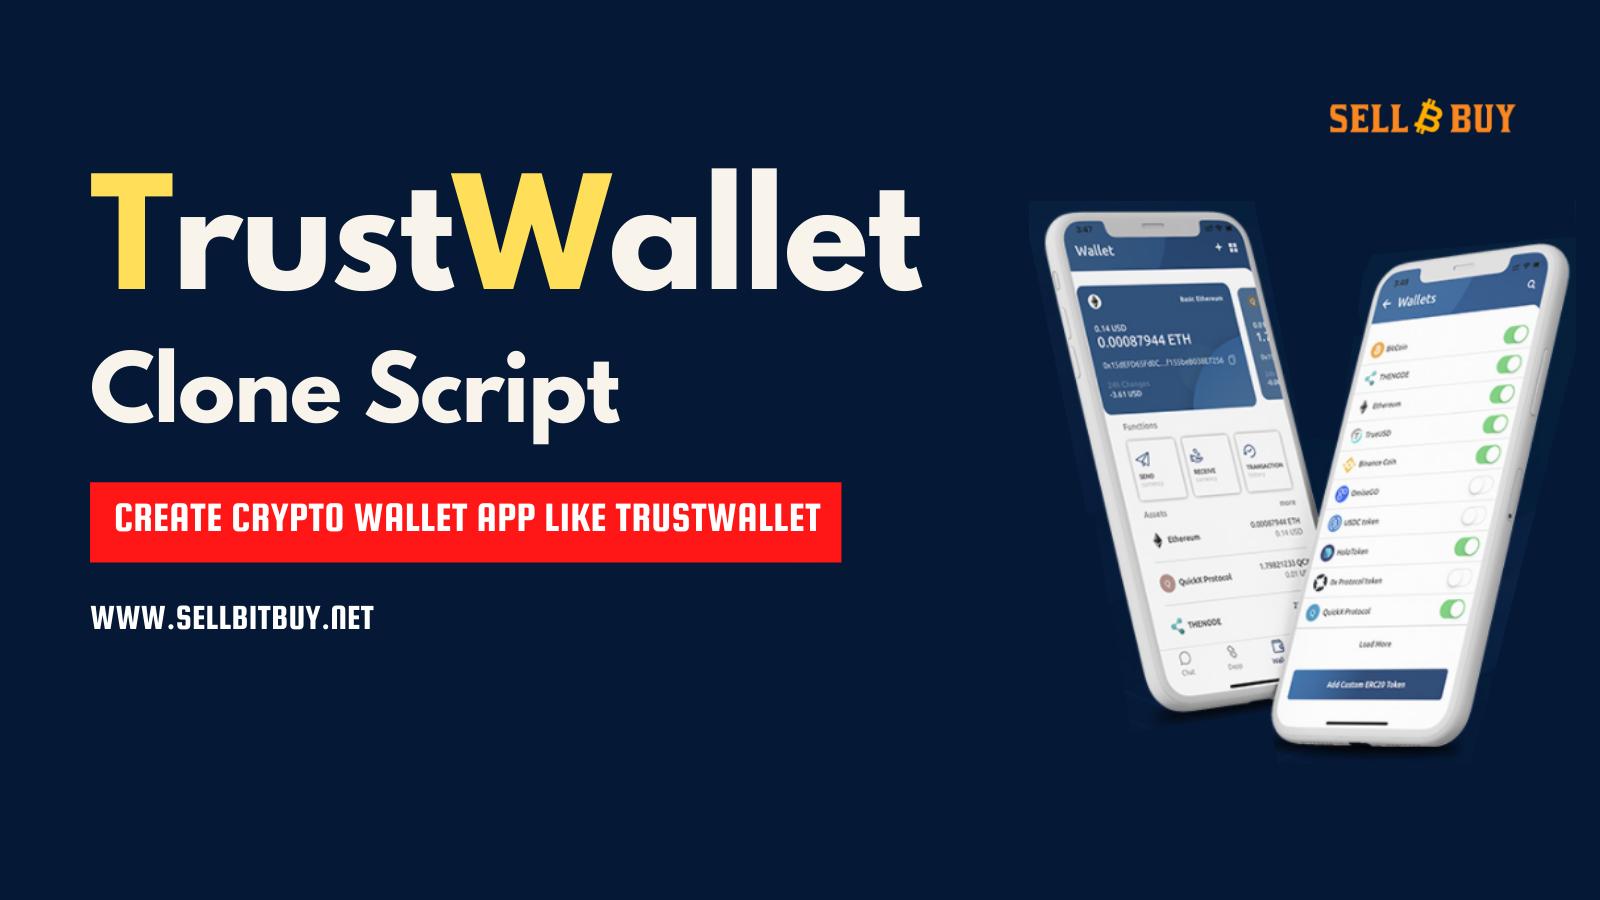 TrustWallet Clone Script - A Solution To Create Crypto Wallet App Like TrustWallet